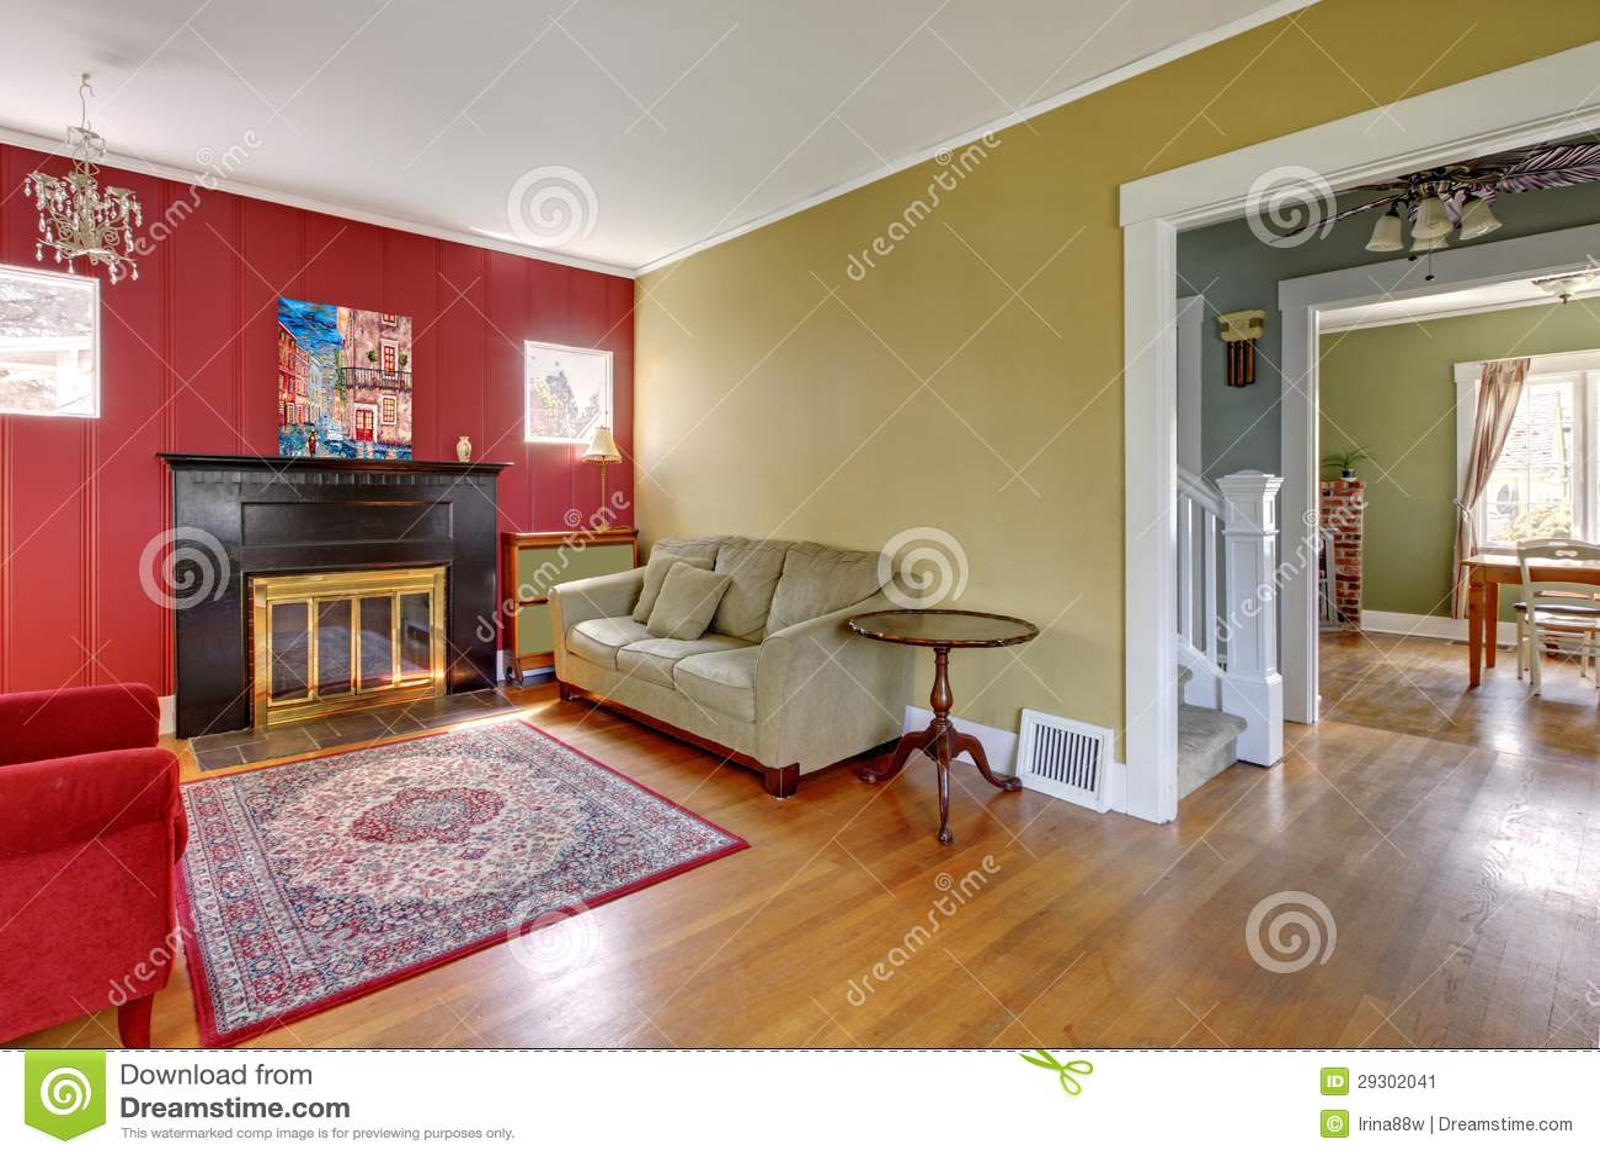 Woonkamer Met Rode En Gele Muren En Open Haard Stock